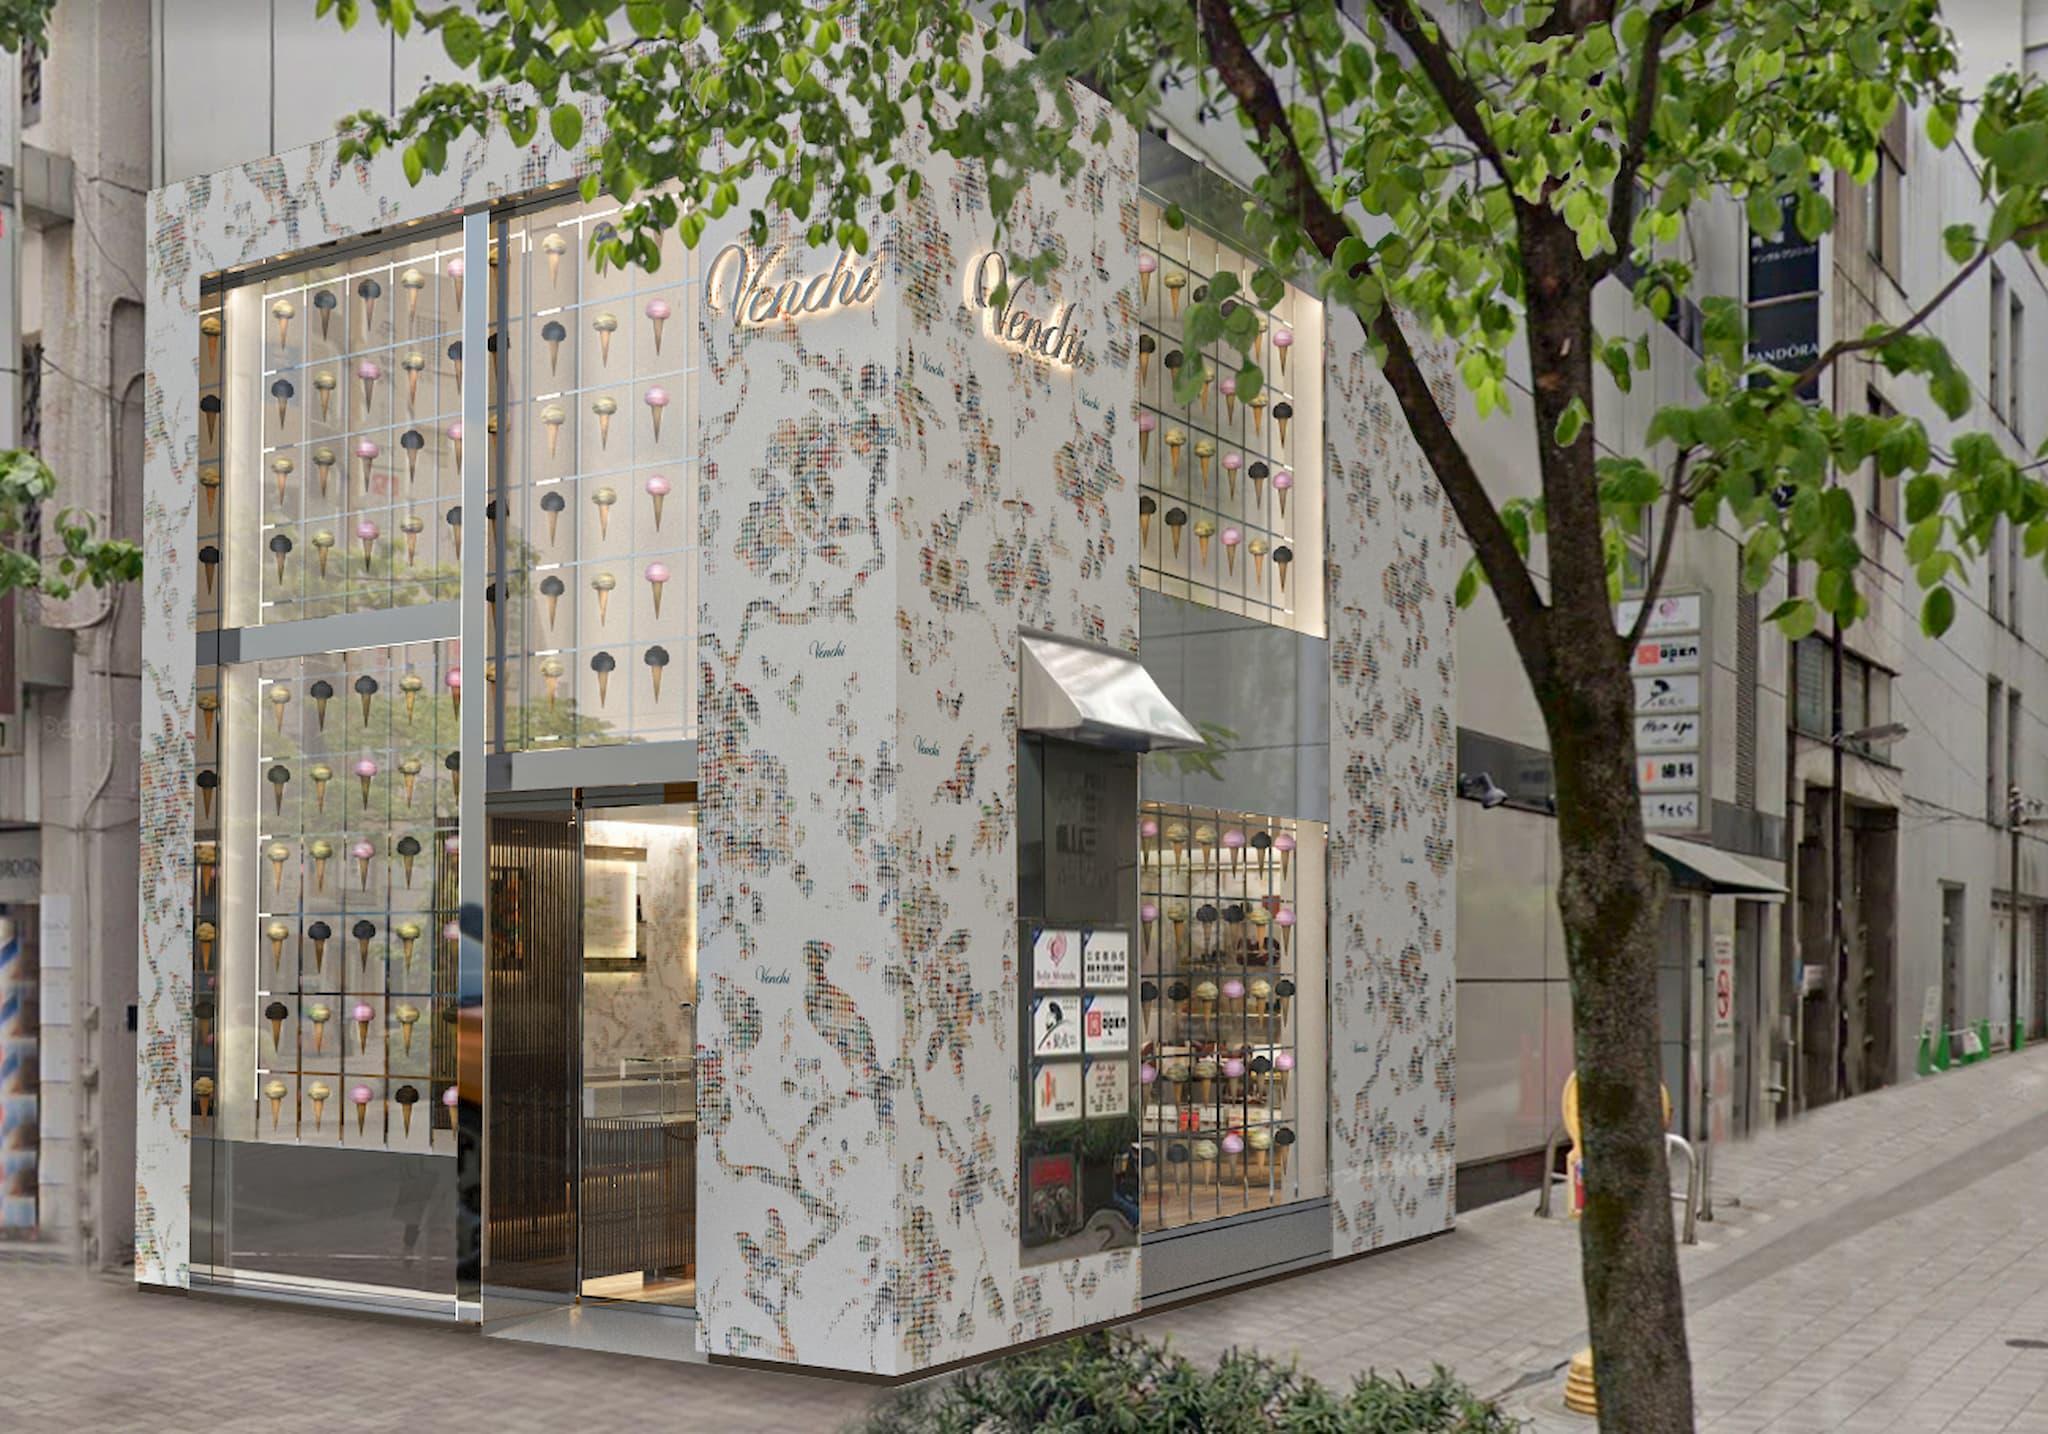 創業141年のチョコレート&ジェラート専門店「Venchi(ヴェンキ)」日本第一号店が銀座にやってきます!